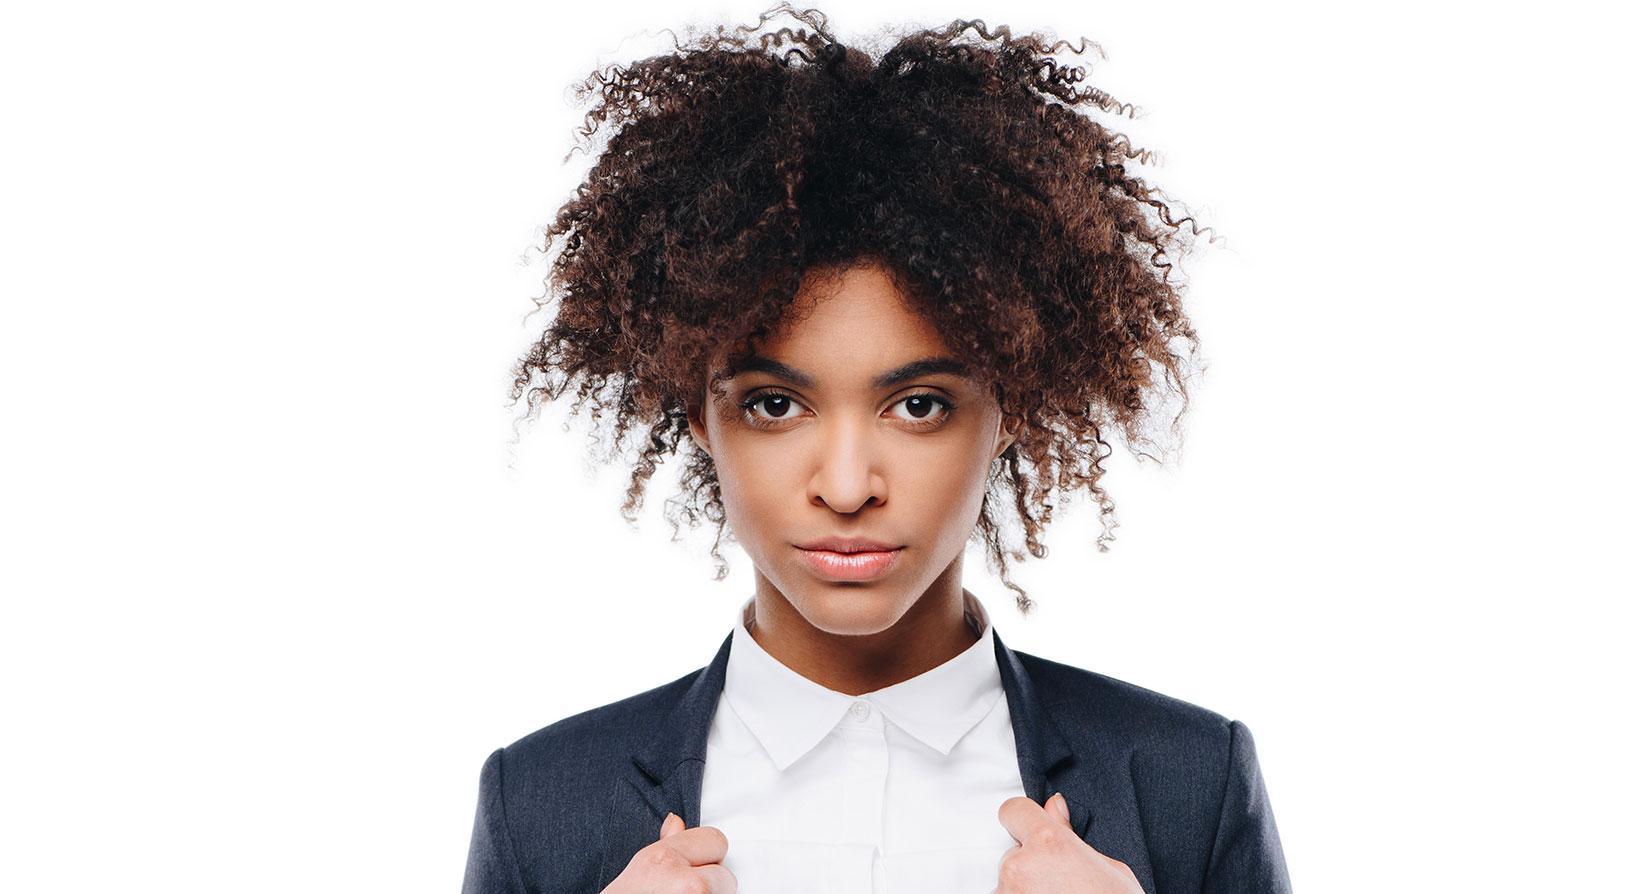 Krulligt hår har naturlig volym och struktur.